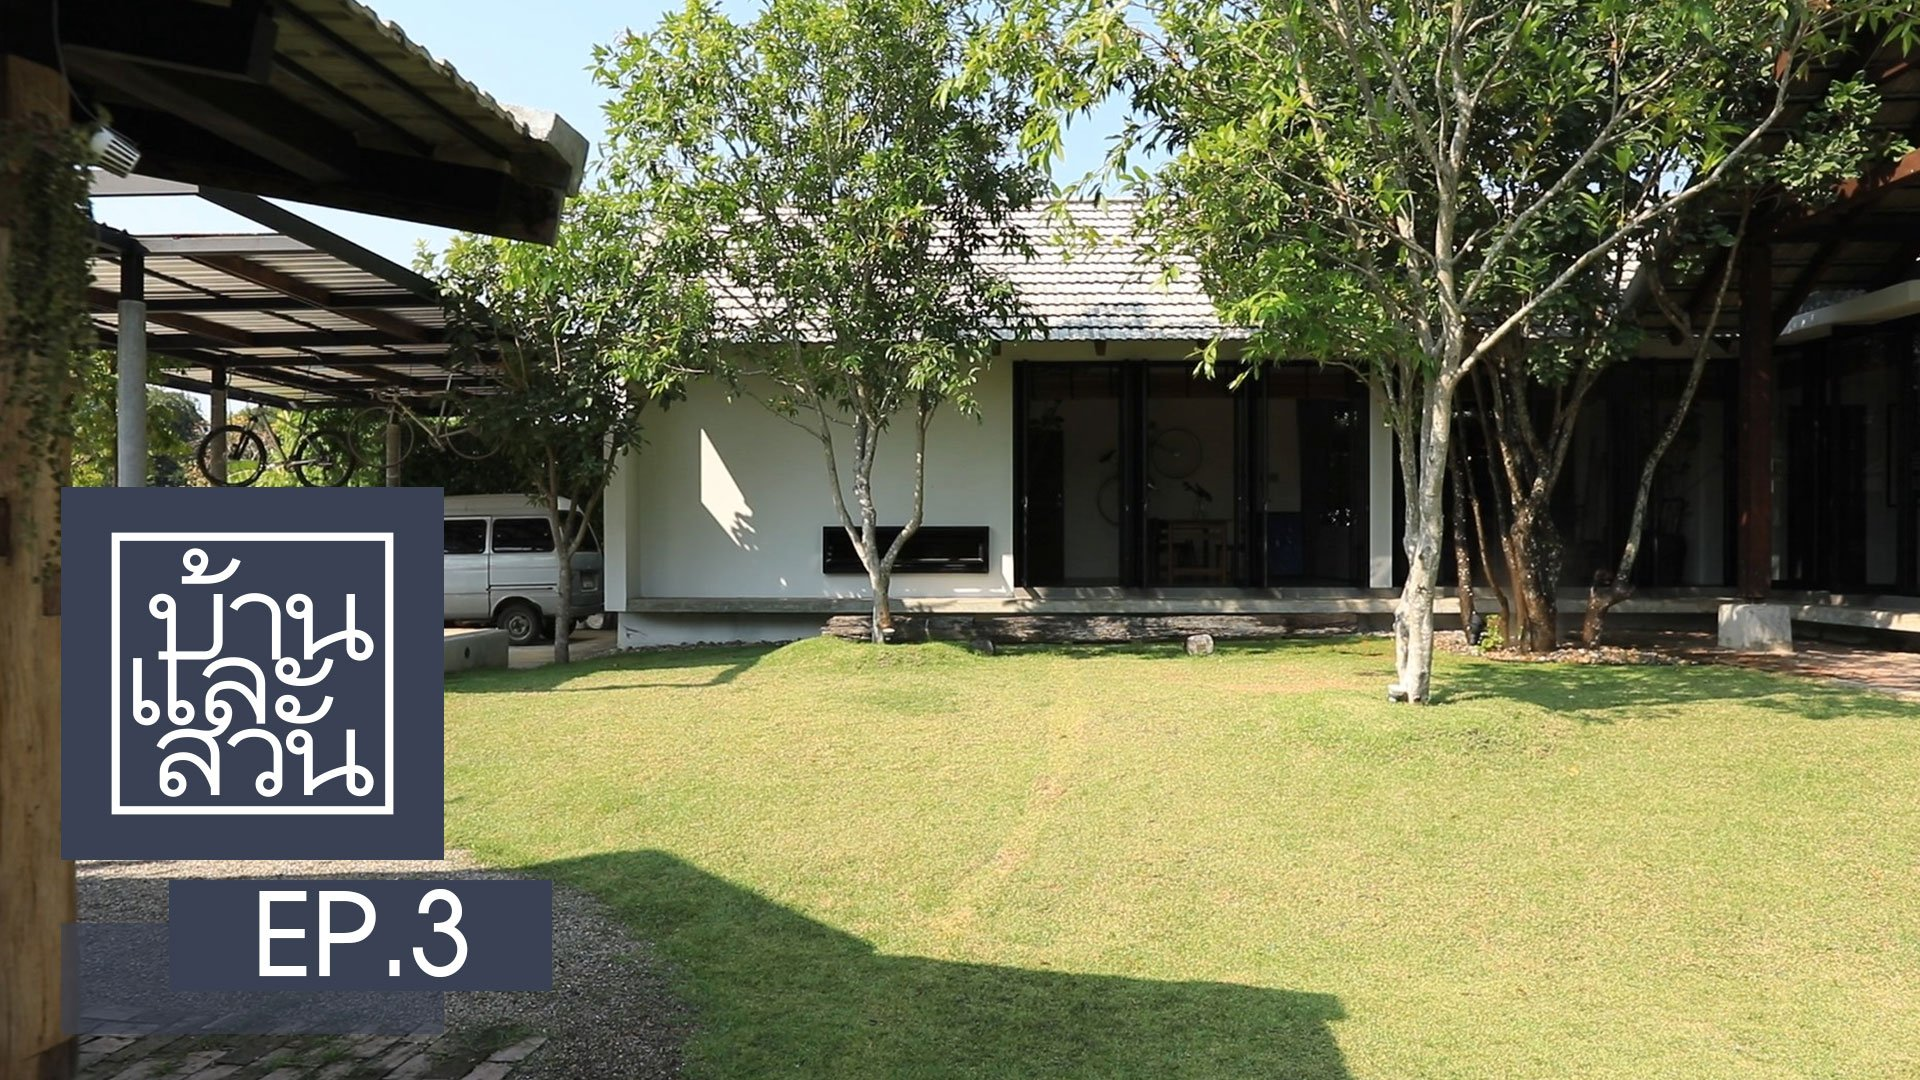 บ้านและสวน   EP.3   23 ก.พ. 63   AMARIN TVHD34